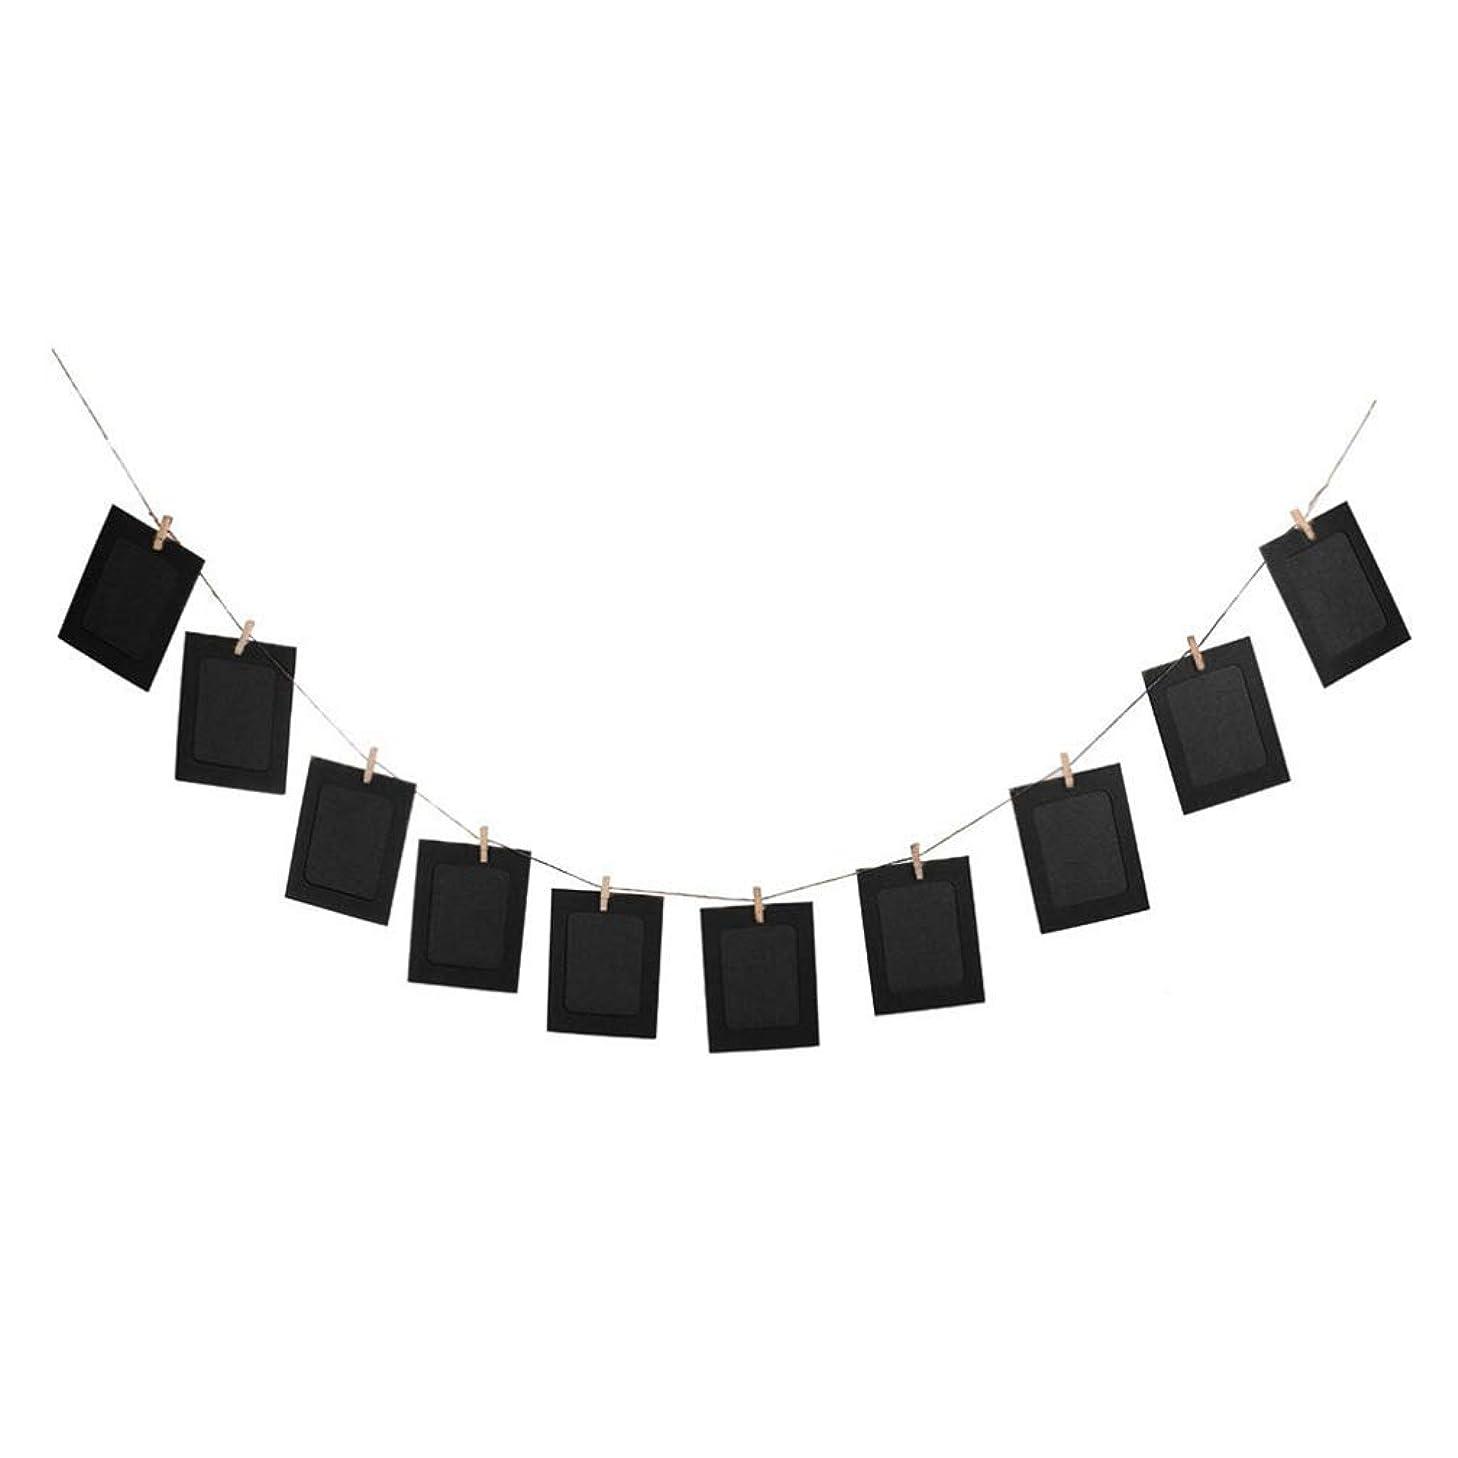 有益代わって戦いDXX-HR ウェディングガーランド壁の装飾のための10pcs DIY 6インチ吊るすアルバムクリップクラフト紙フォトフレームストリングスロープクリップセット